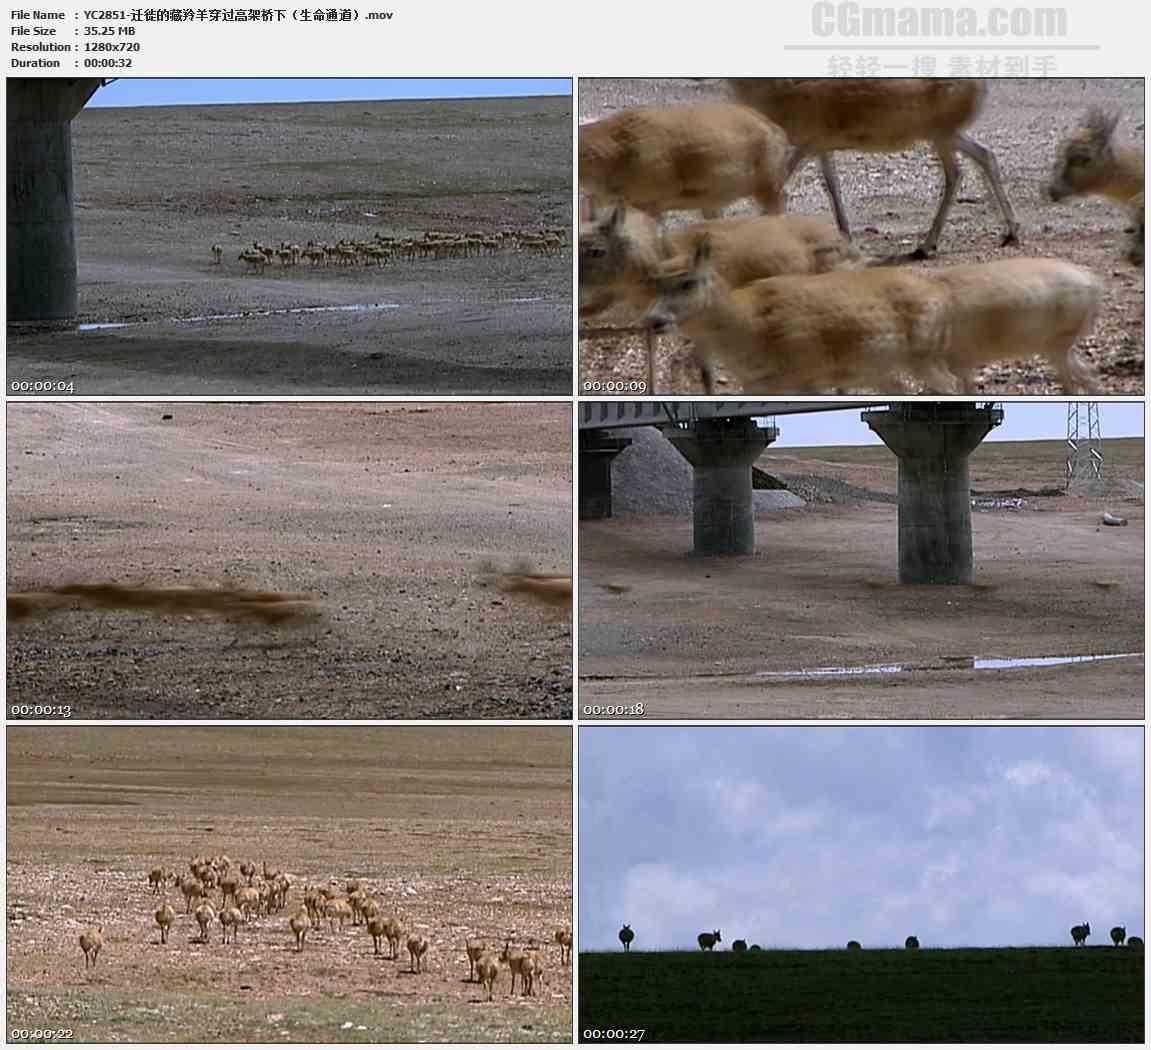 YC2851-迁徙的藏羚羊穿过高架桥下生命通道高清实拍视频素材